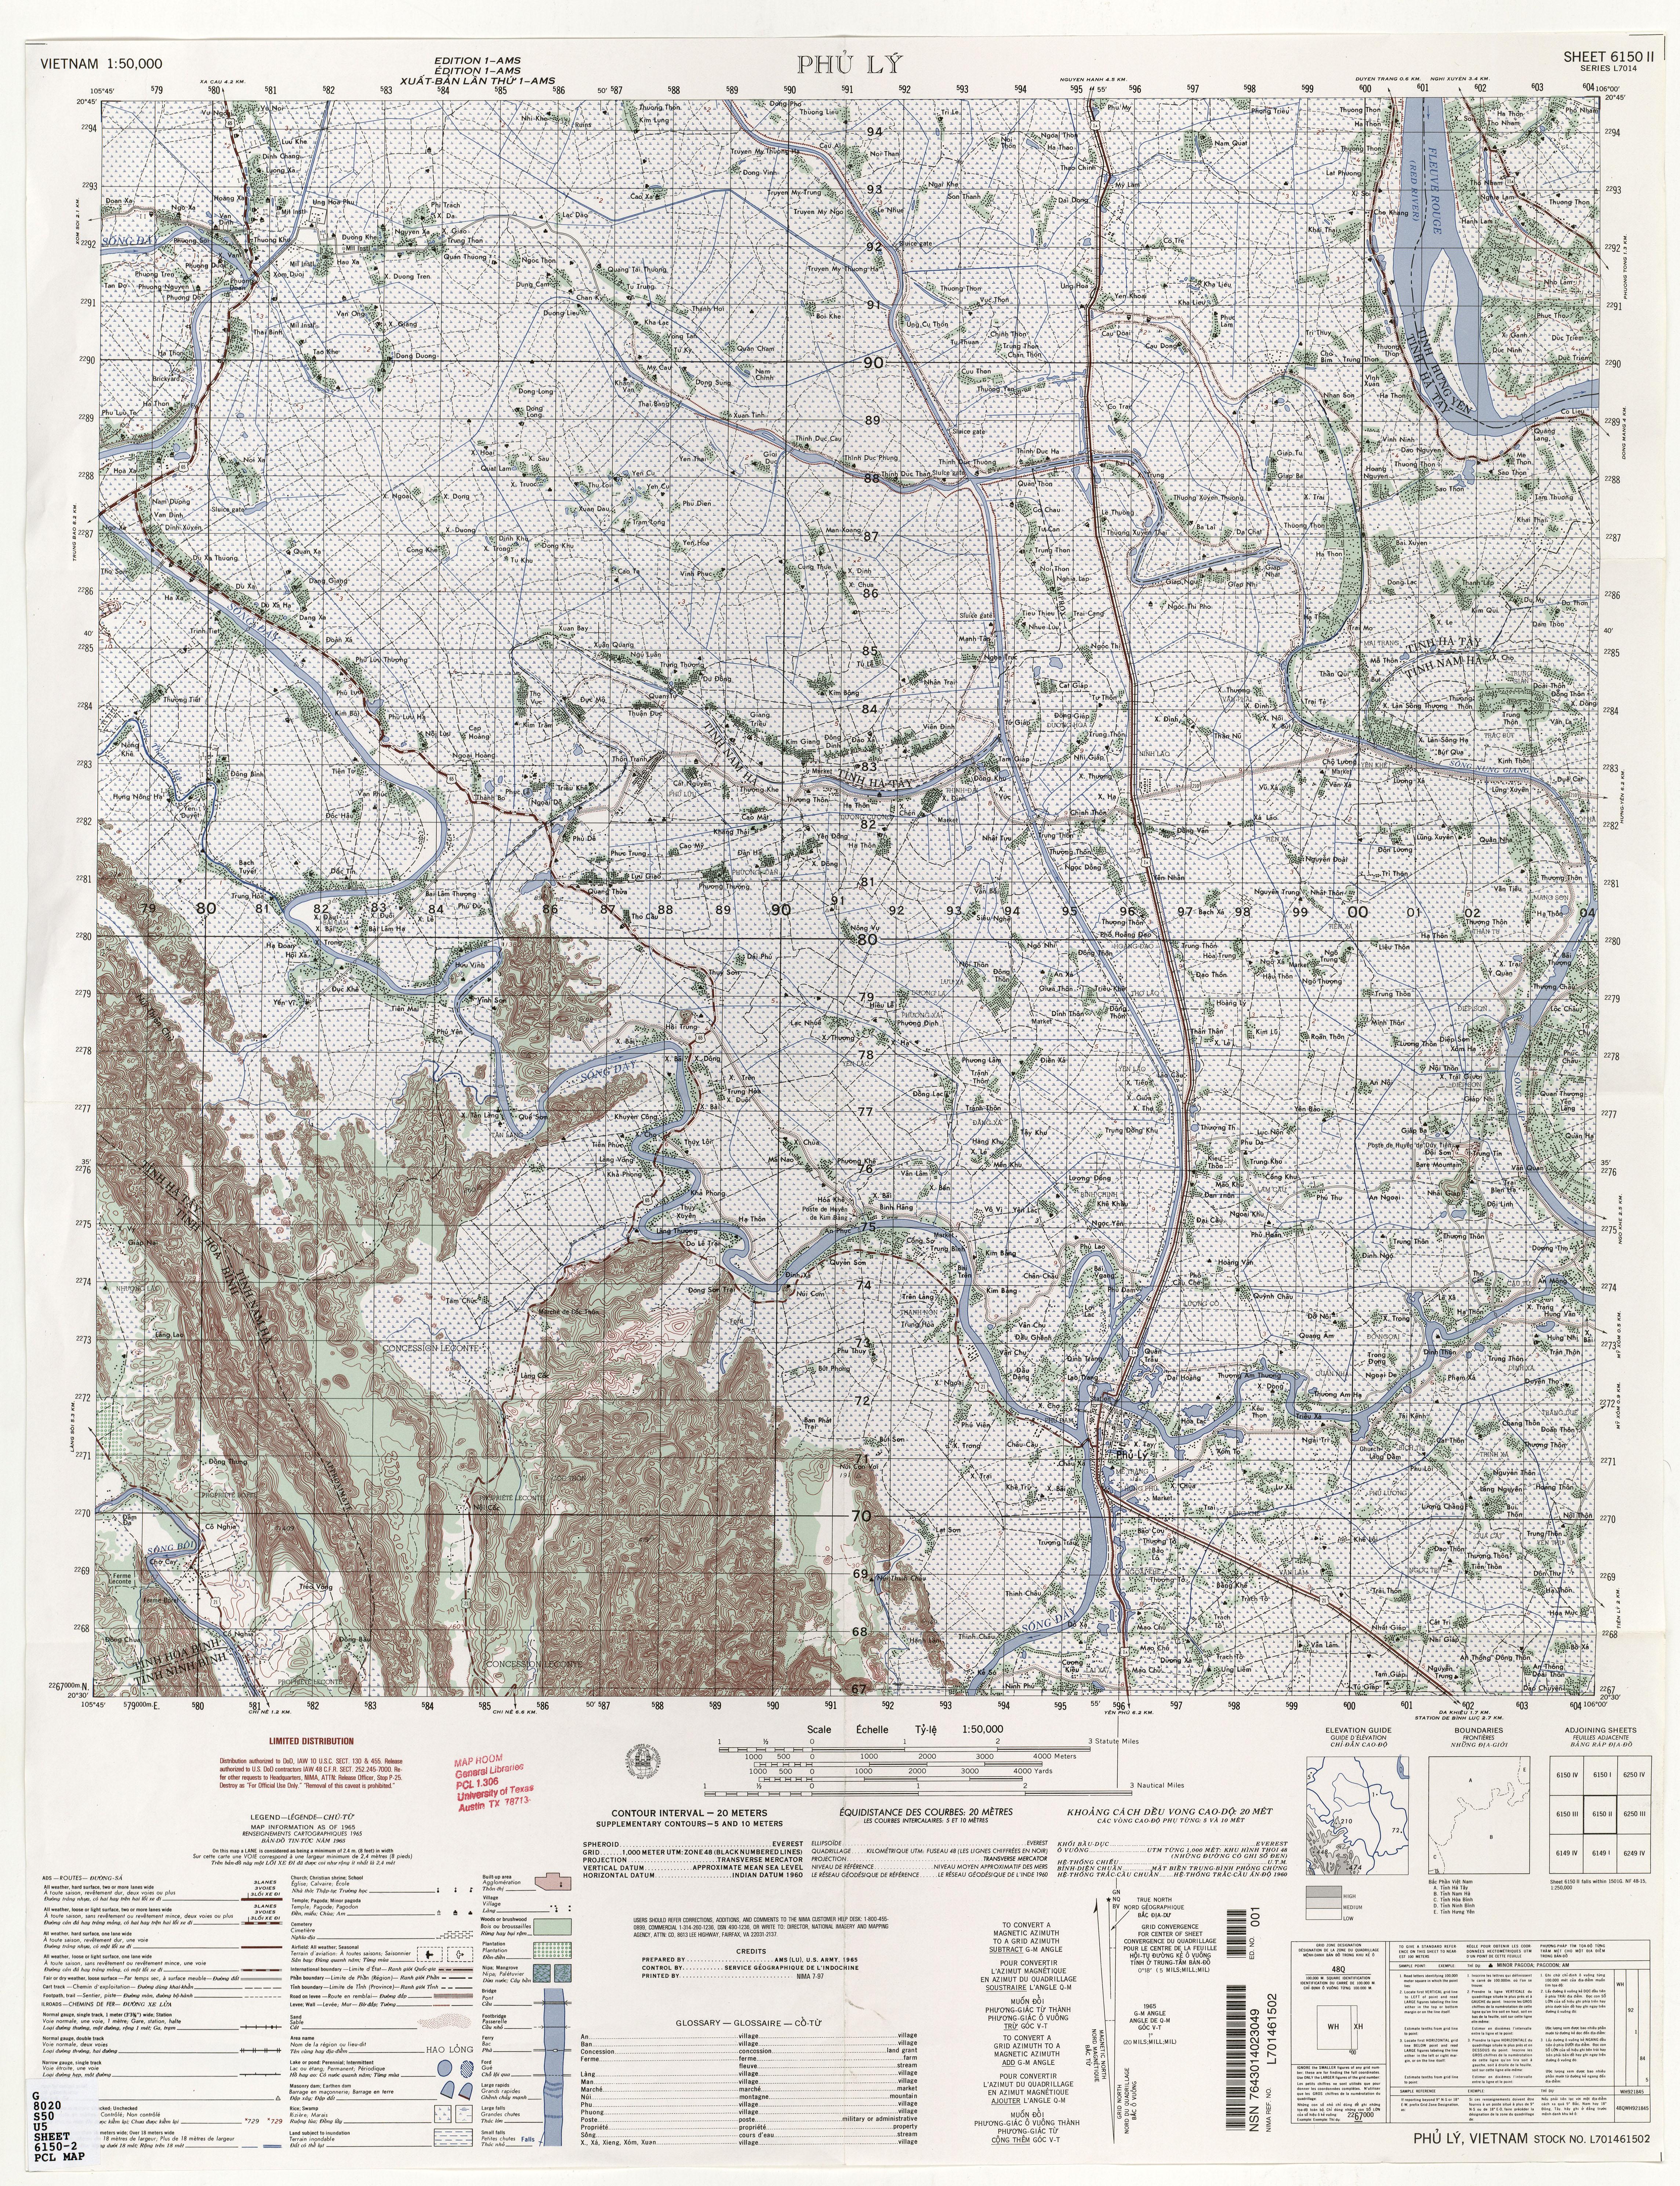 Dien Bien Phu Vietnam Map.Vietnam Topographic Maps Perry Castaneda Map Collection Ut